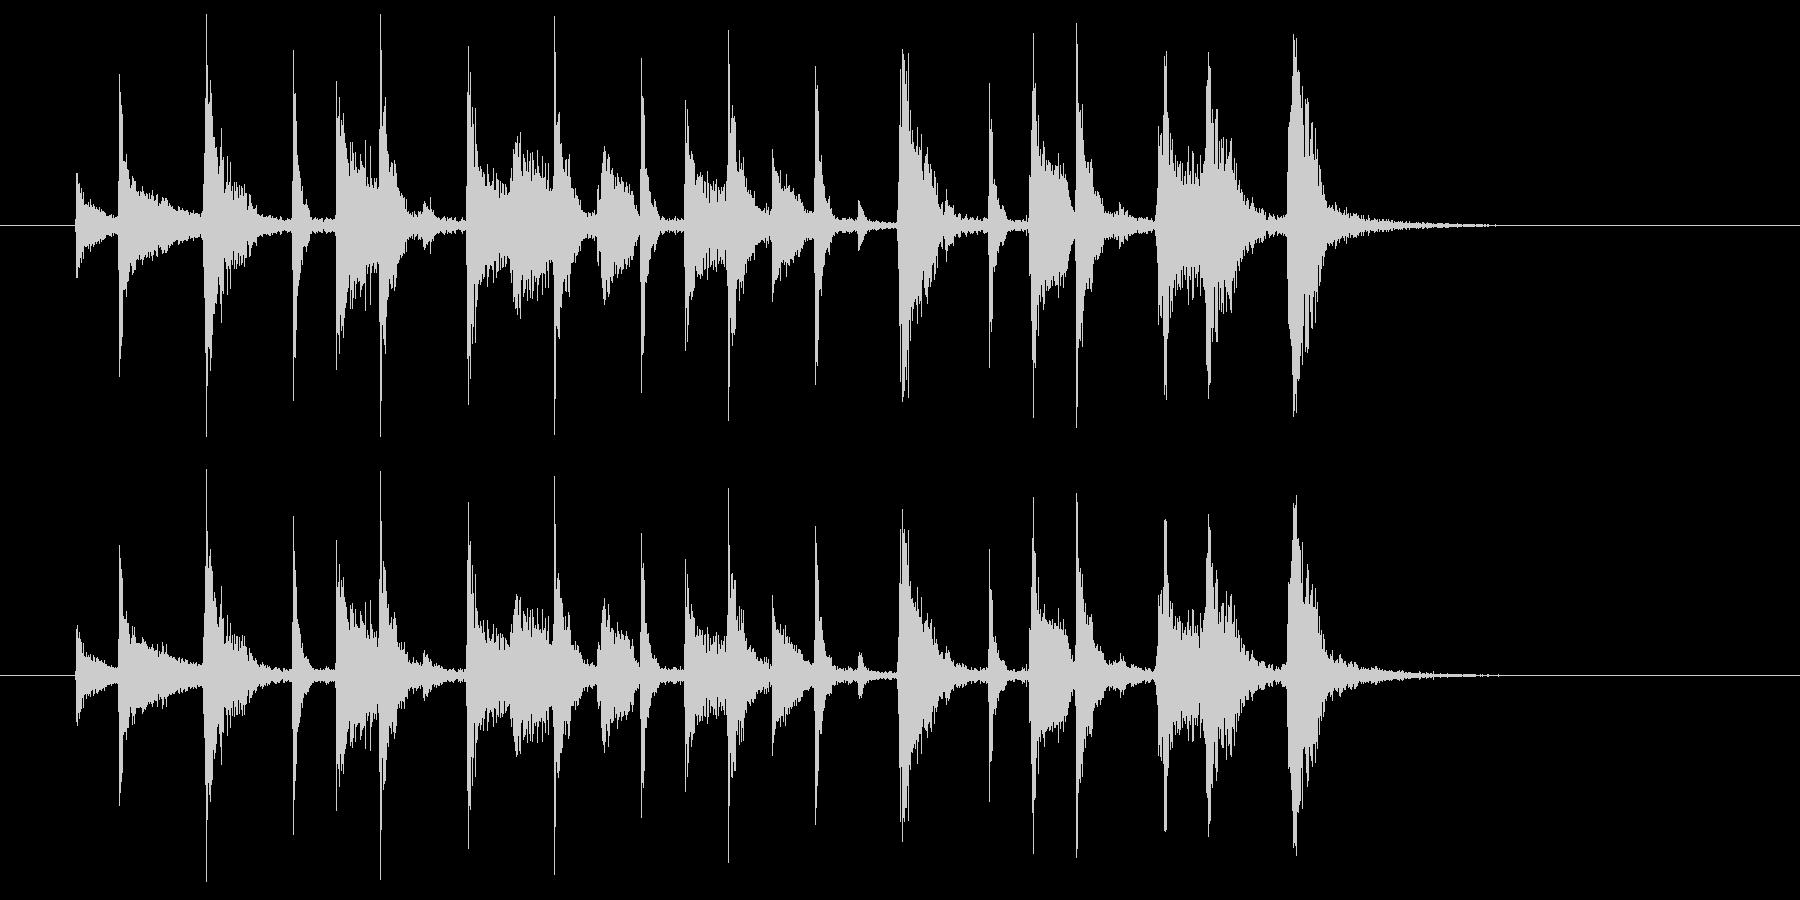 ジャジーなジングル(アイキャッチ等に)の未再生の波形